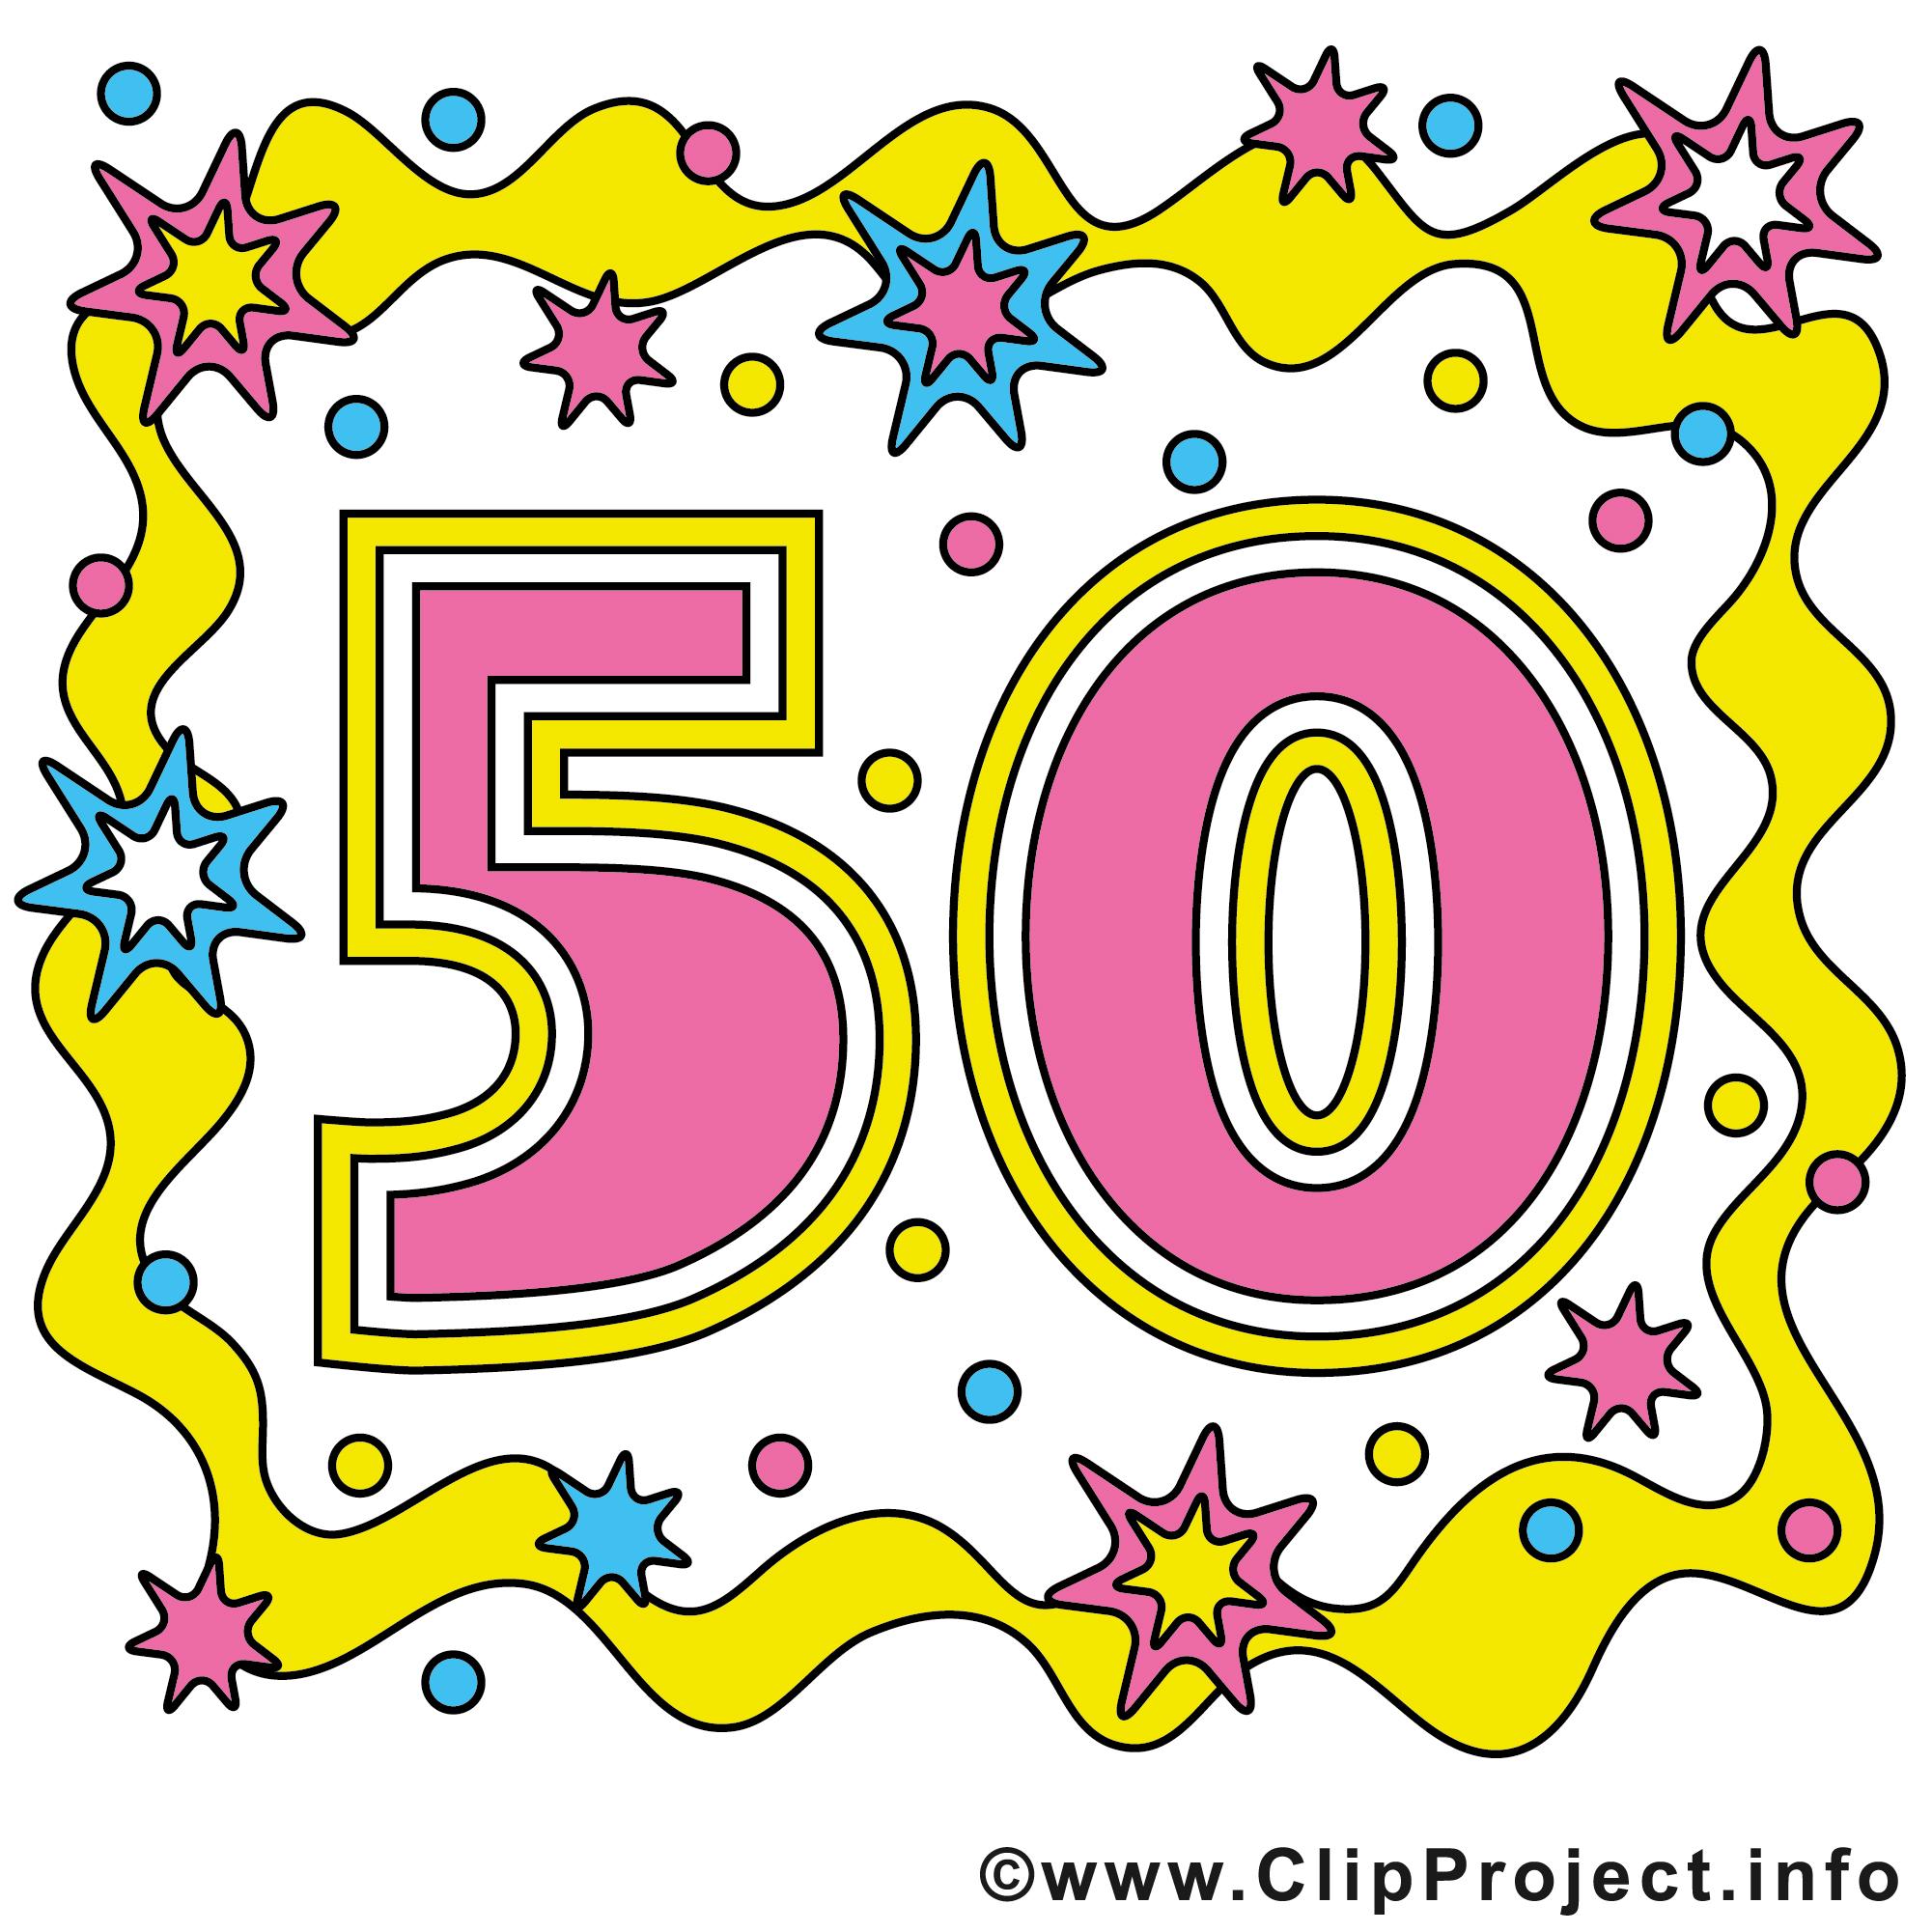 50 ans clip arts gratuits - Anniversaire illustrations - Anniversaire dessin, picture, image ...